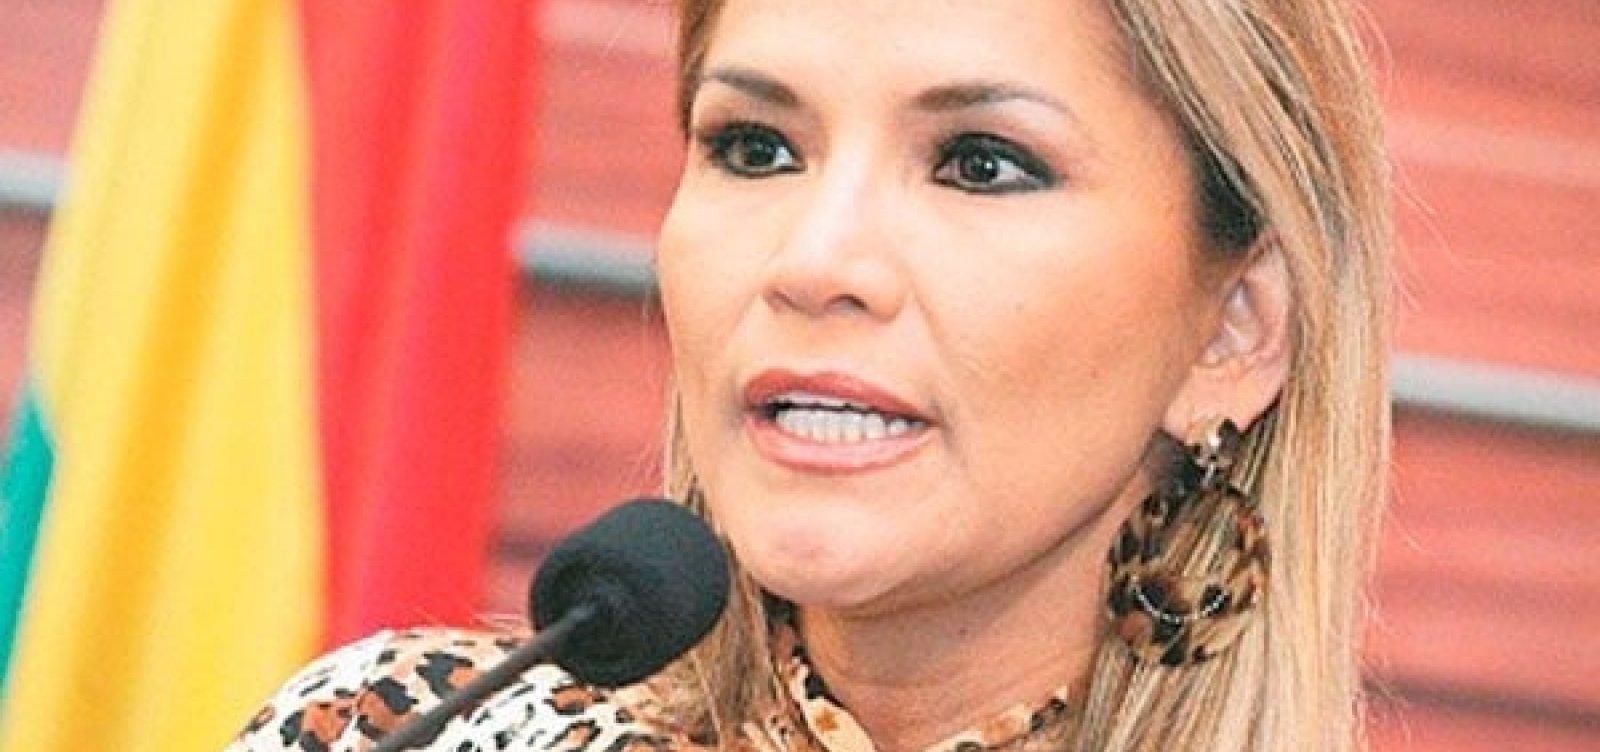 Senadora da oposição, Jeanine Añez Chávez assume a presidência da Bolívia